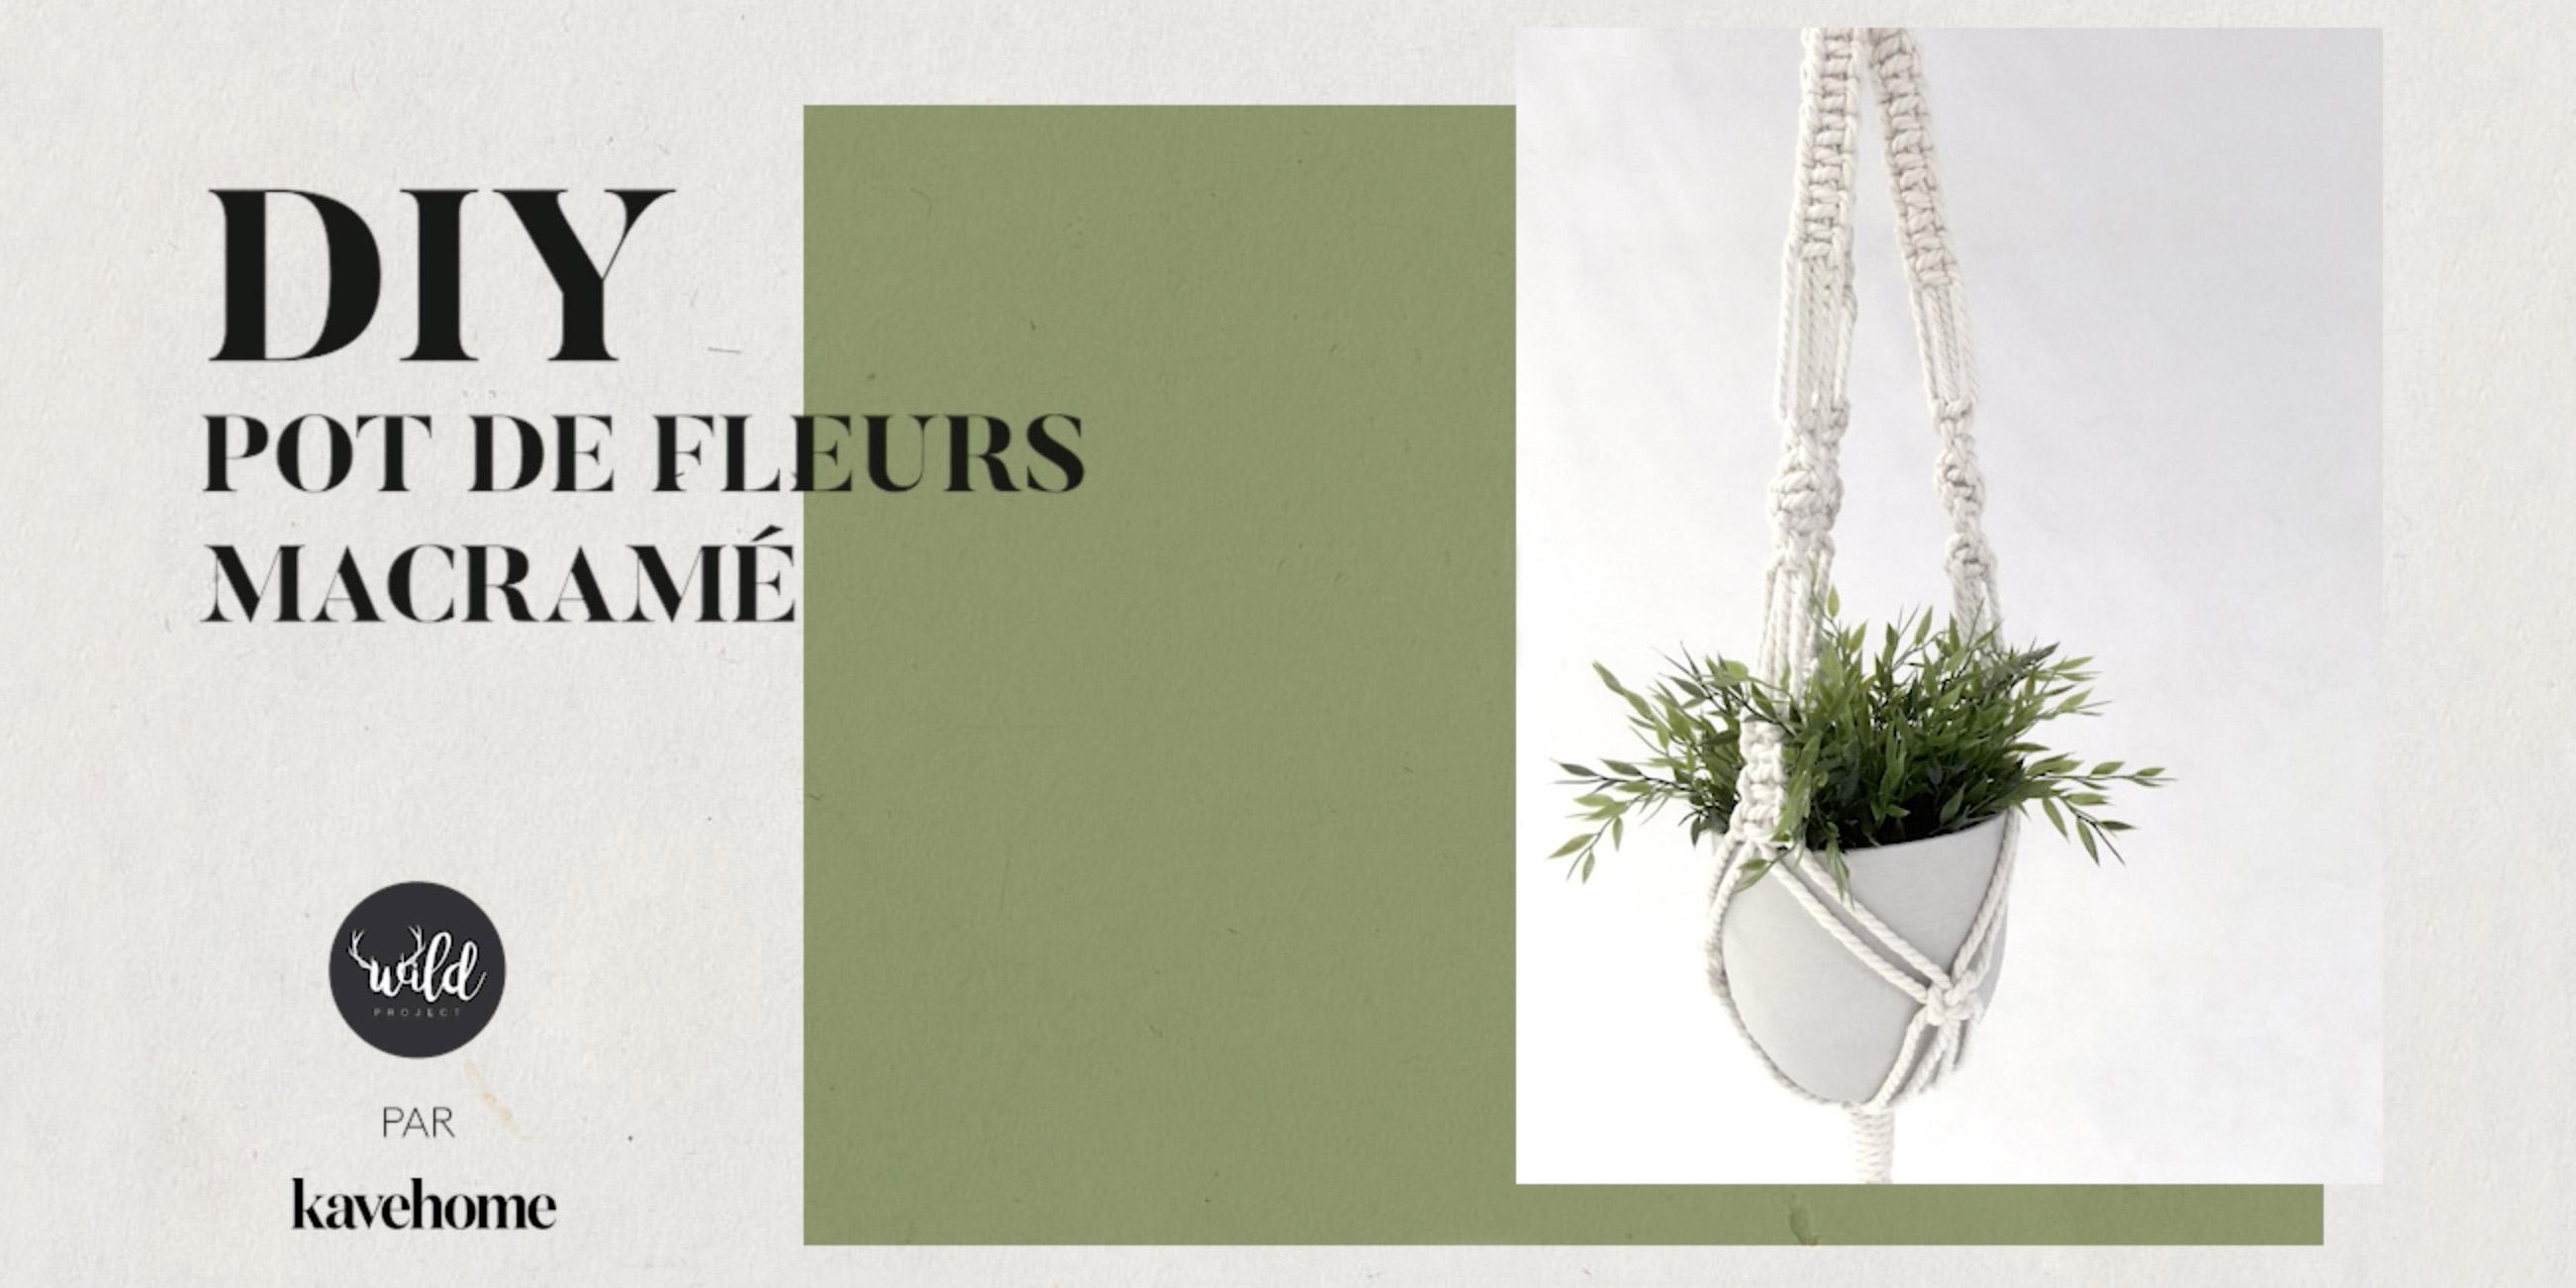 DIY - Comment faire un pot de fleurs en macramé